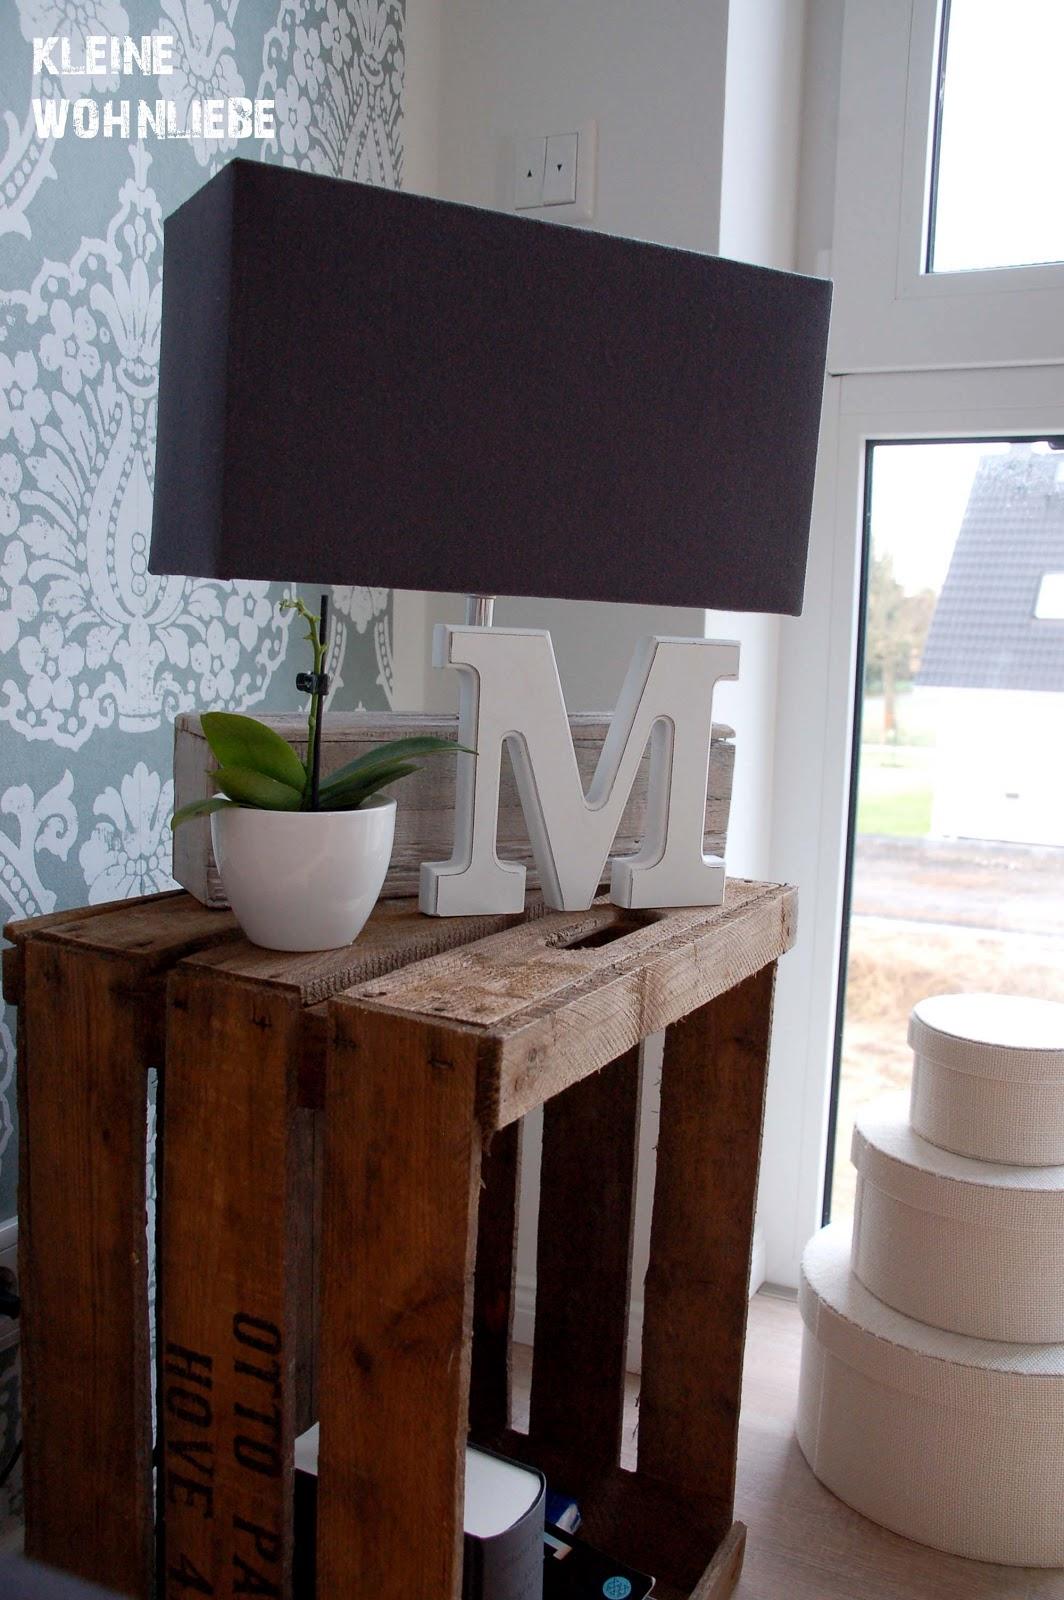 kleine wohnliebe diy obstkisten zauber. Black Bedroom Furniture Sets. Home Design Ideas